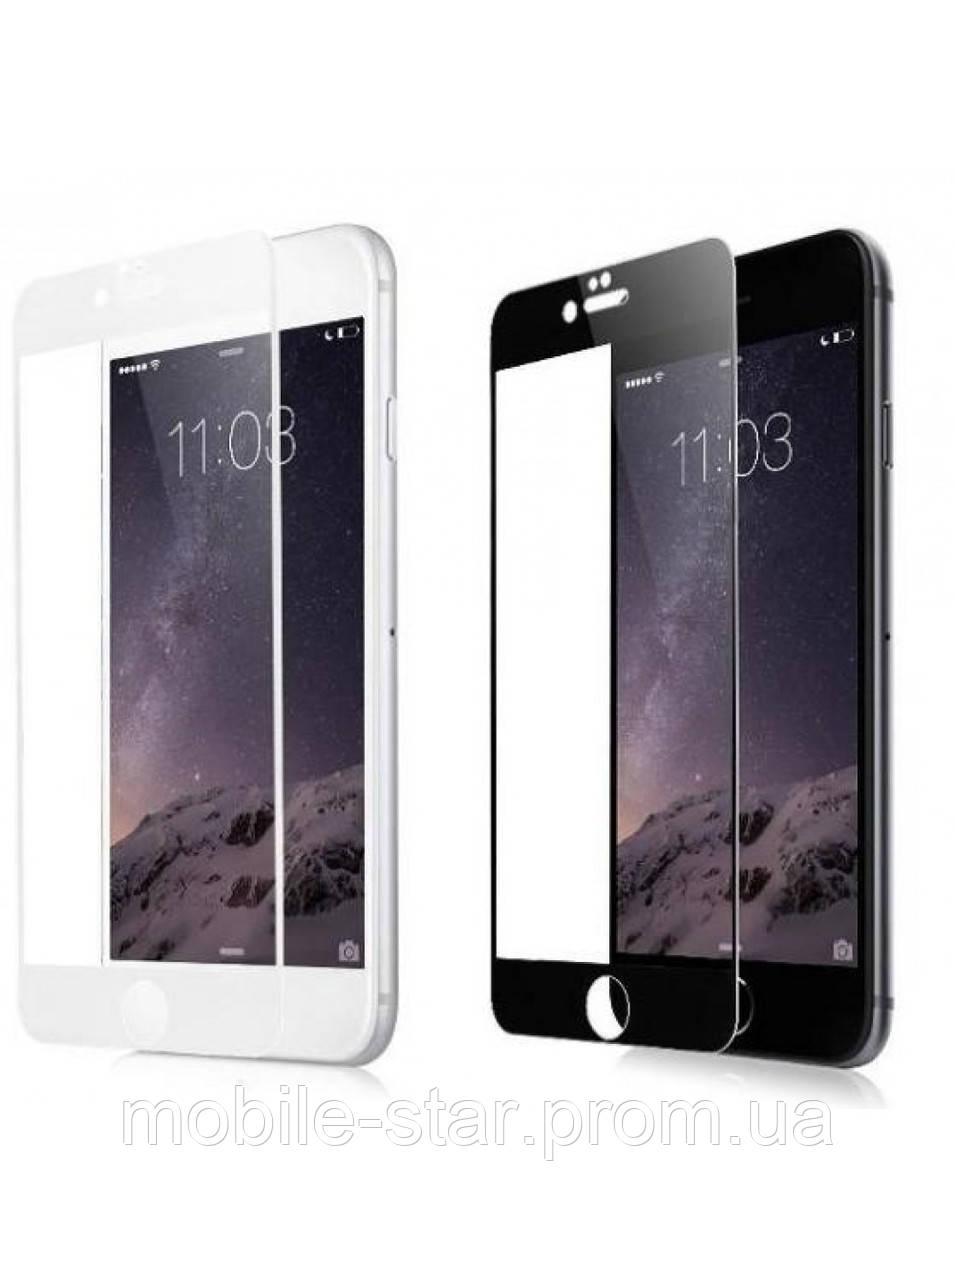 Захисне 5d скло iPhone 6/6s